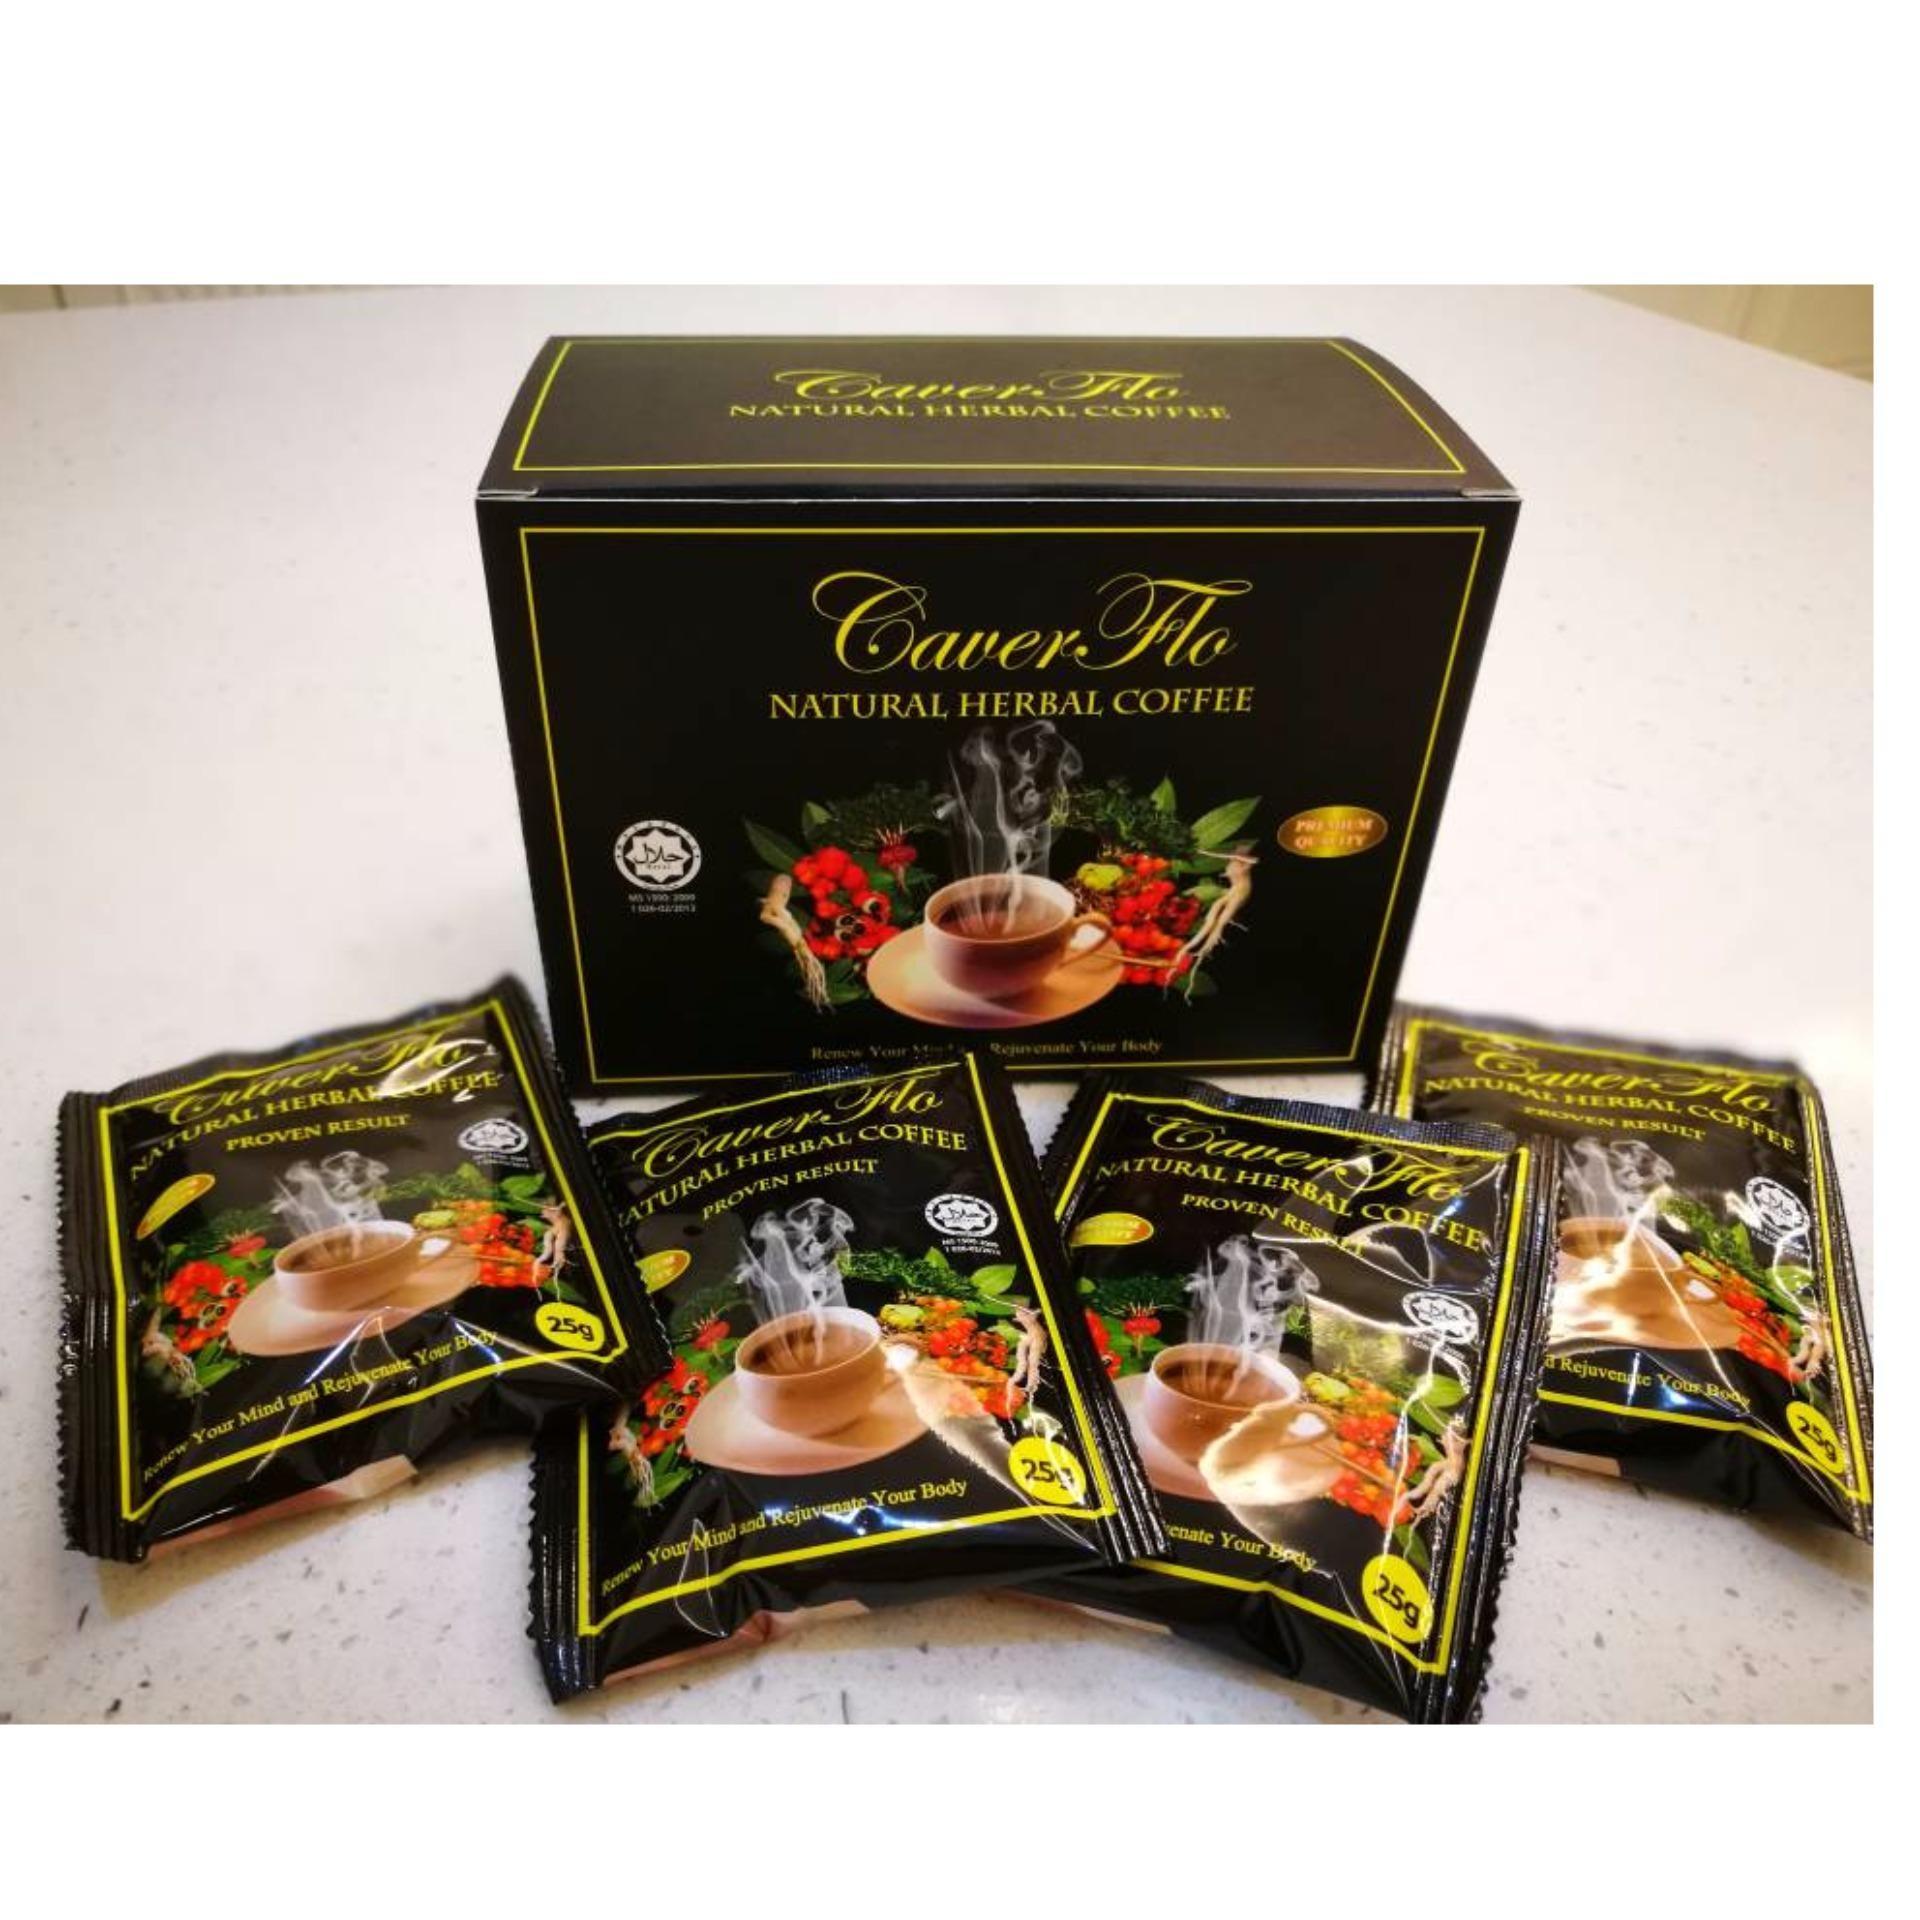 马来西亚直邮正品CAVERFLO草本咖啡 玛卡 瓜拉纳10包*25克* 1盒